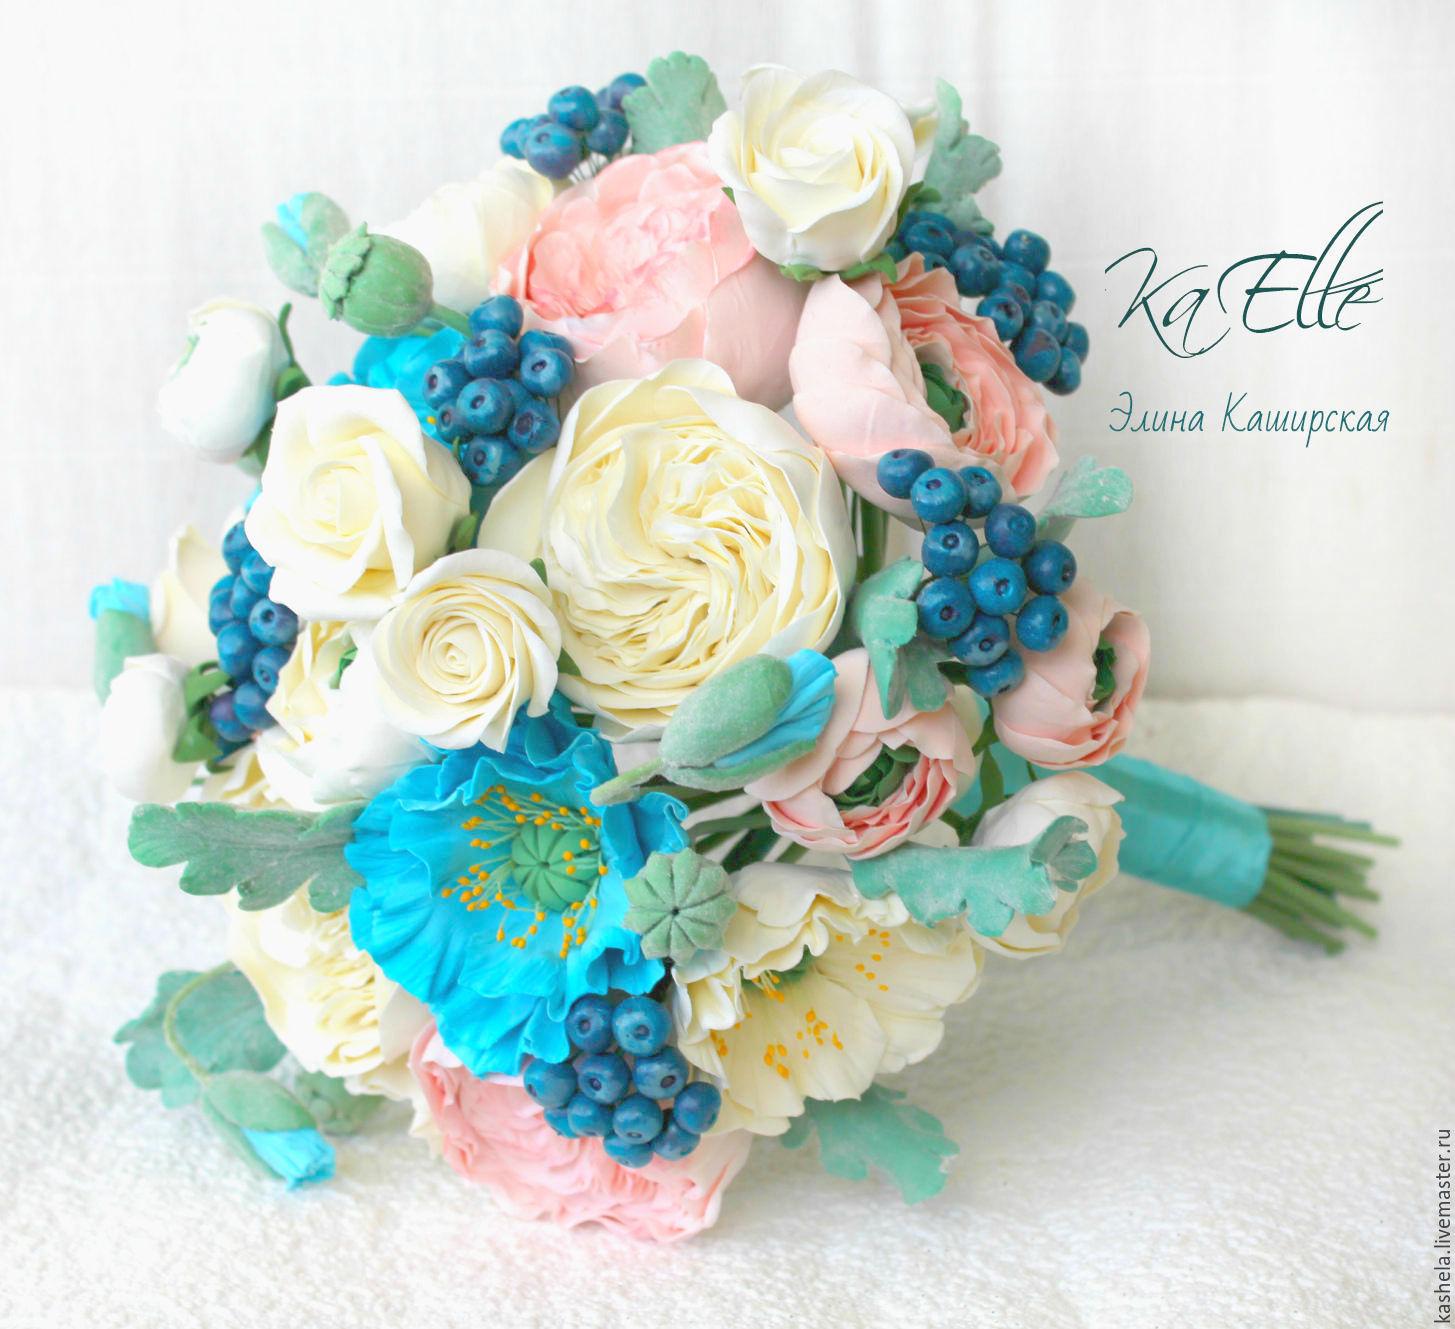 Букет цветов бирюзовый